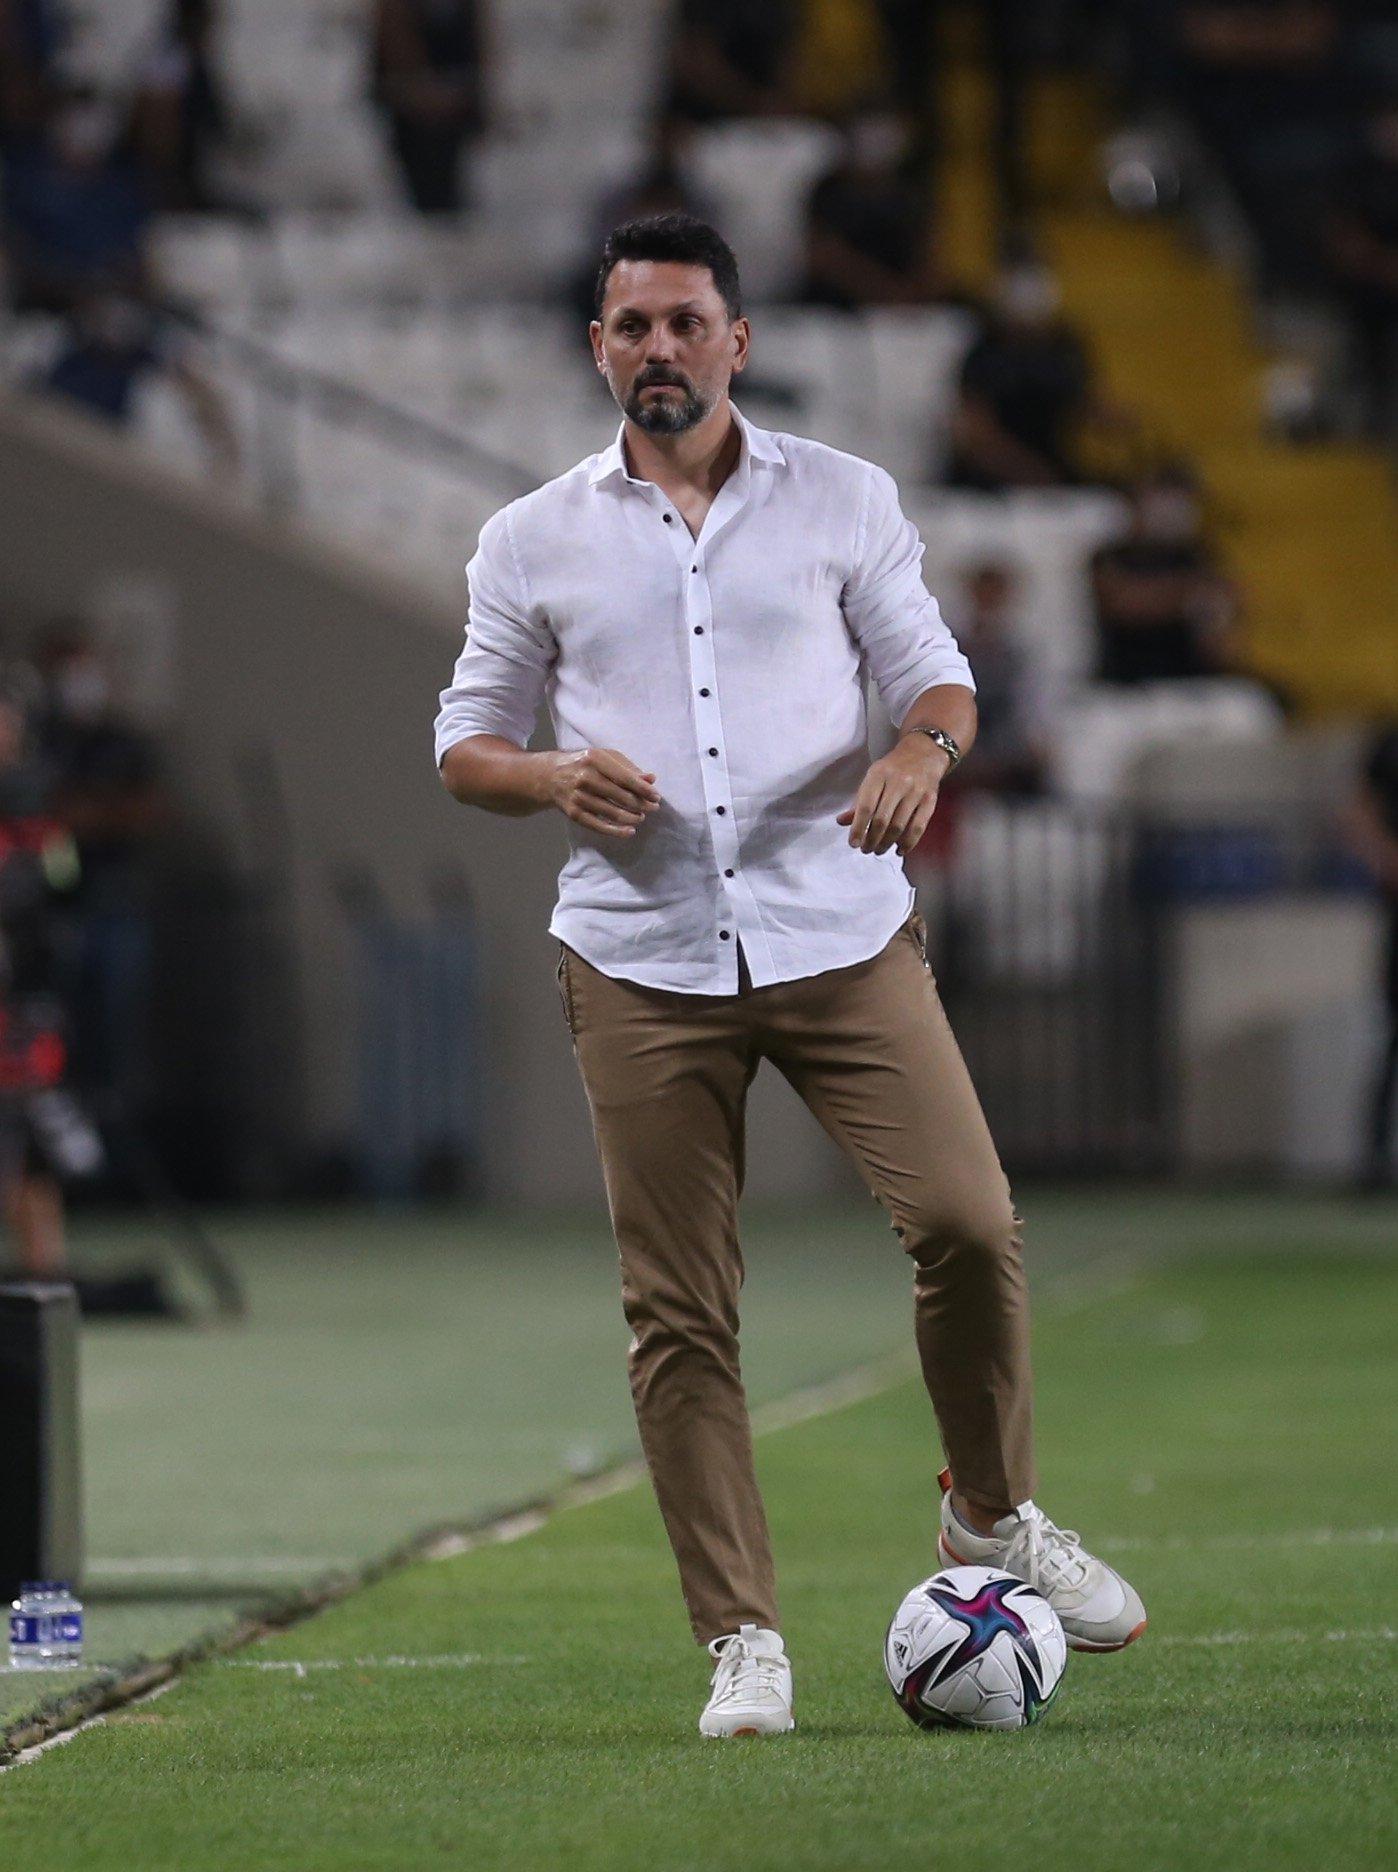 """aSpor: Fenerbahçe'nin eski teknik direktörü Erol Bulut'tan flaş sözler! """"6. - 7. oluyorlardı"""""""